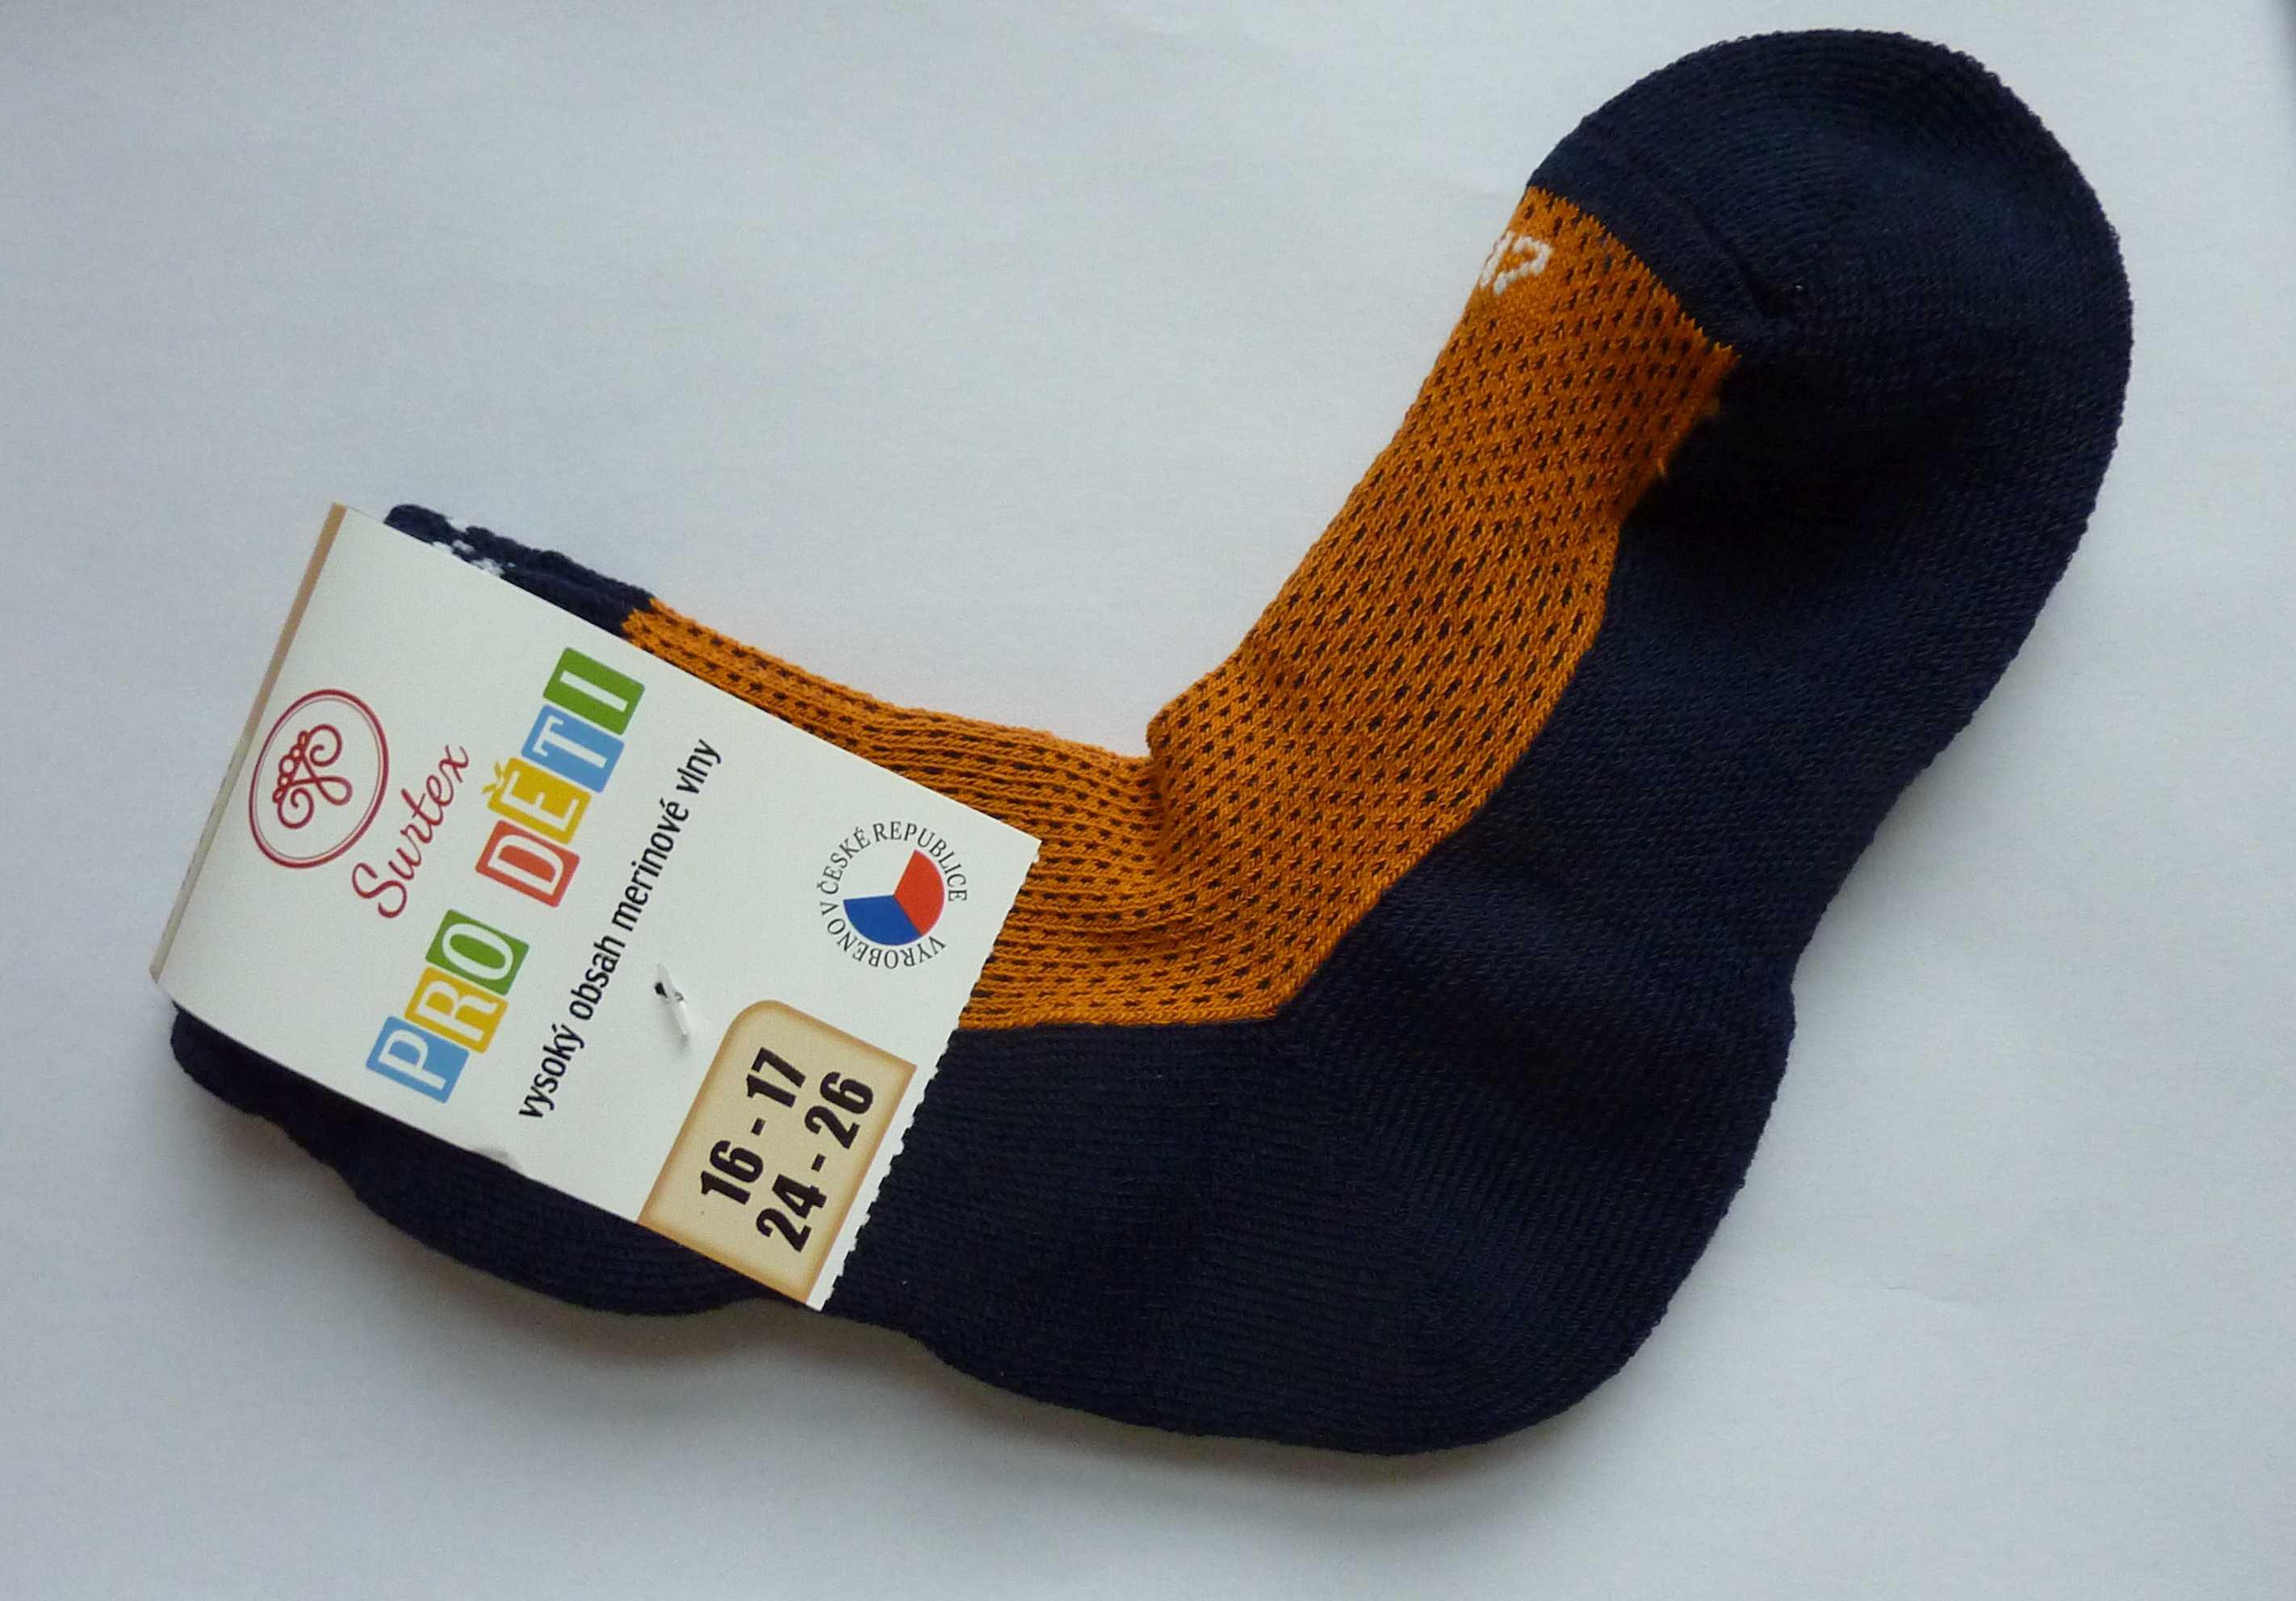 tenké ponožky Surtex froté 80% merino barevné dětské. Hřejivé sportovní ... e5f0dac680